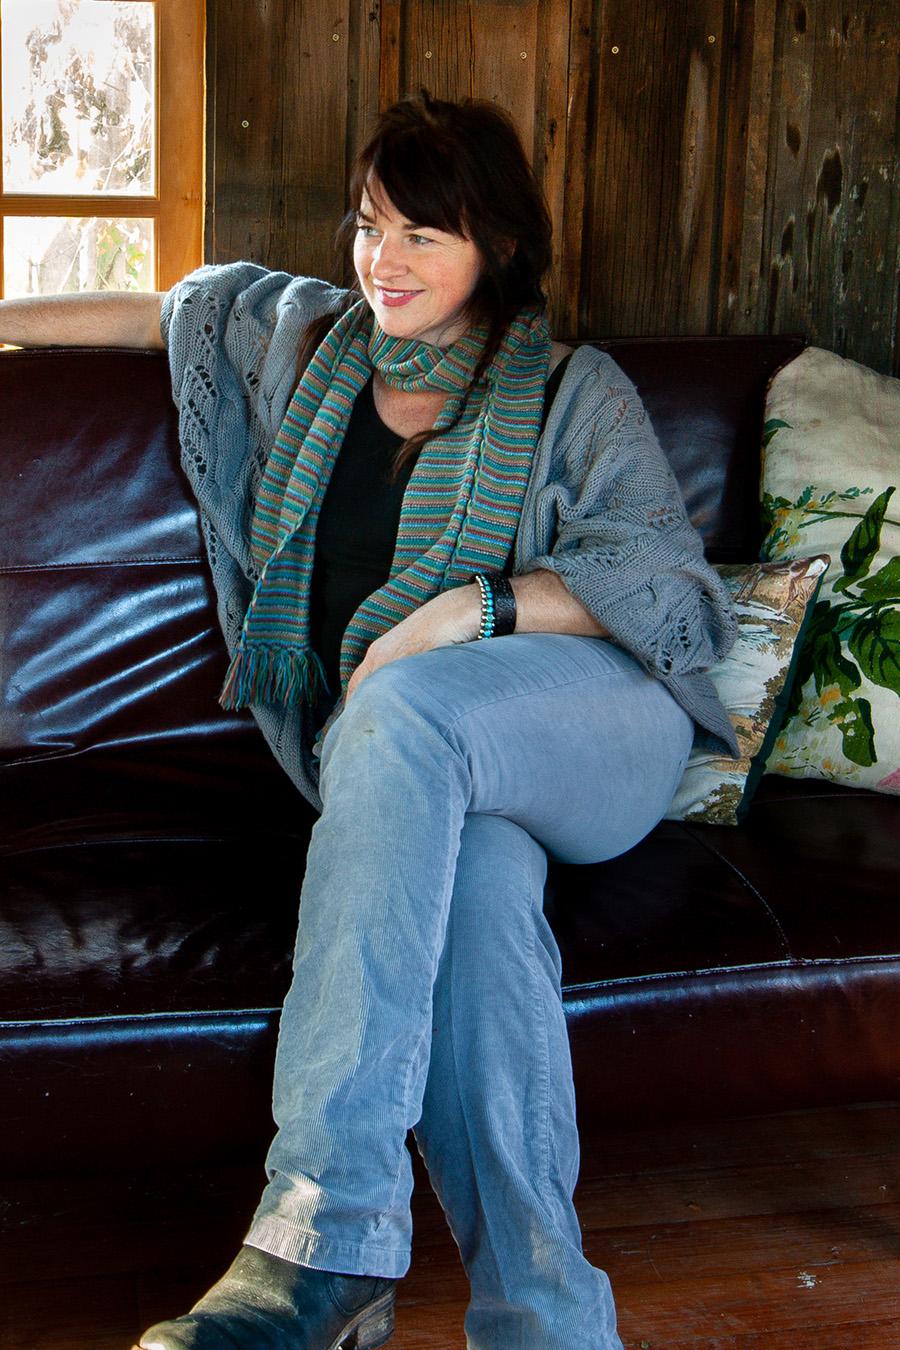 Suzanne Bradley Uiowa 3d Design Winning Ticket Design Interior Furniture University of Iowa Martin Construction